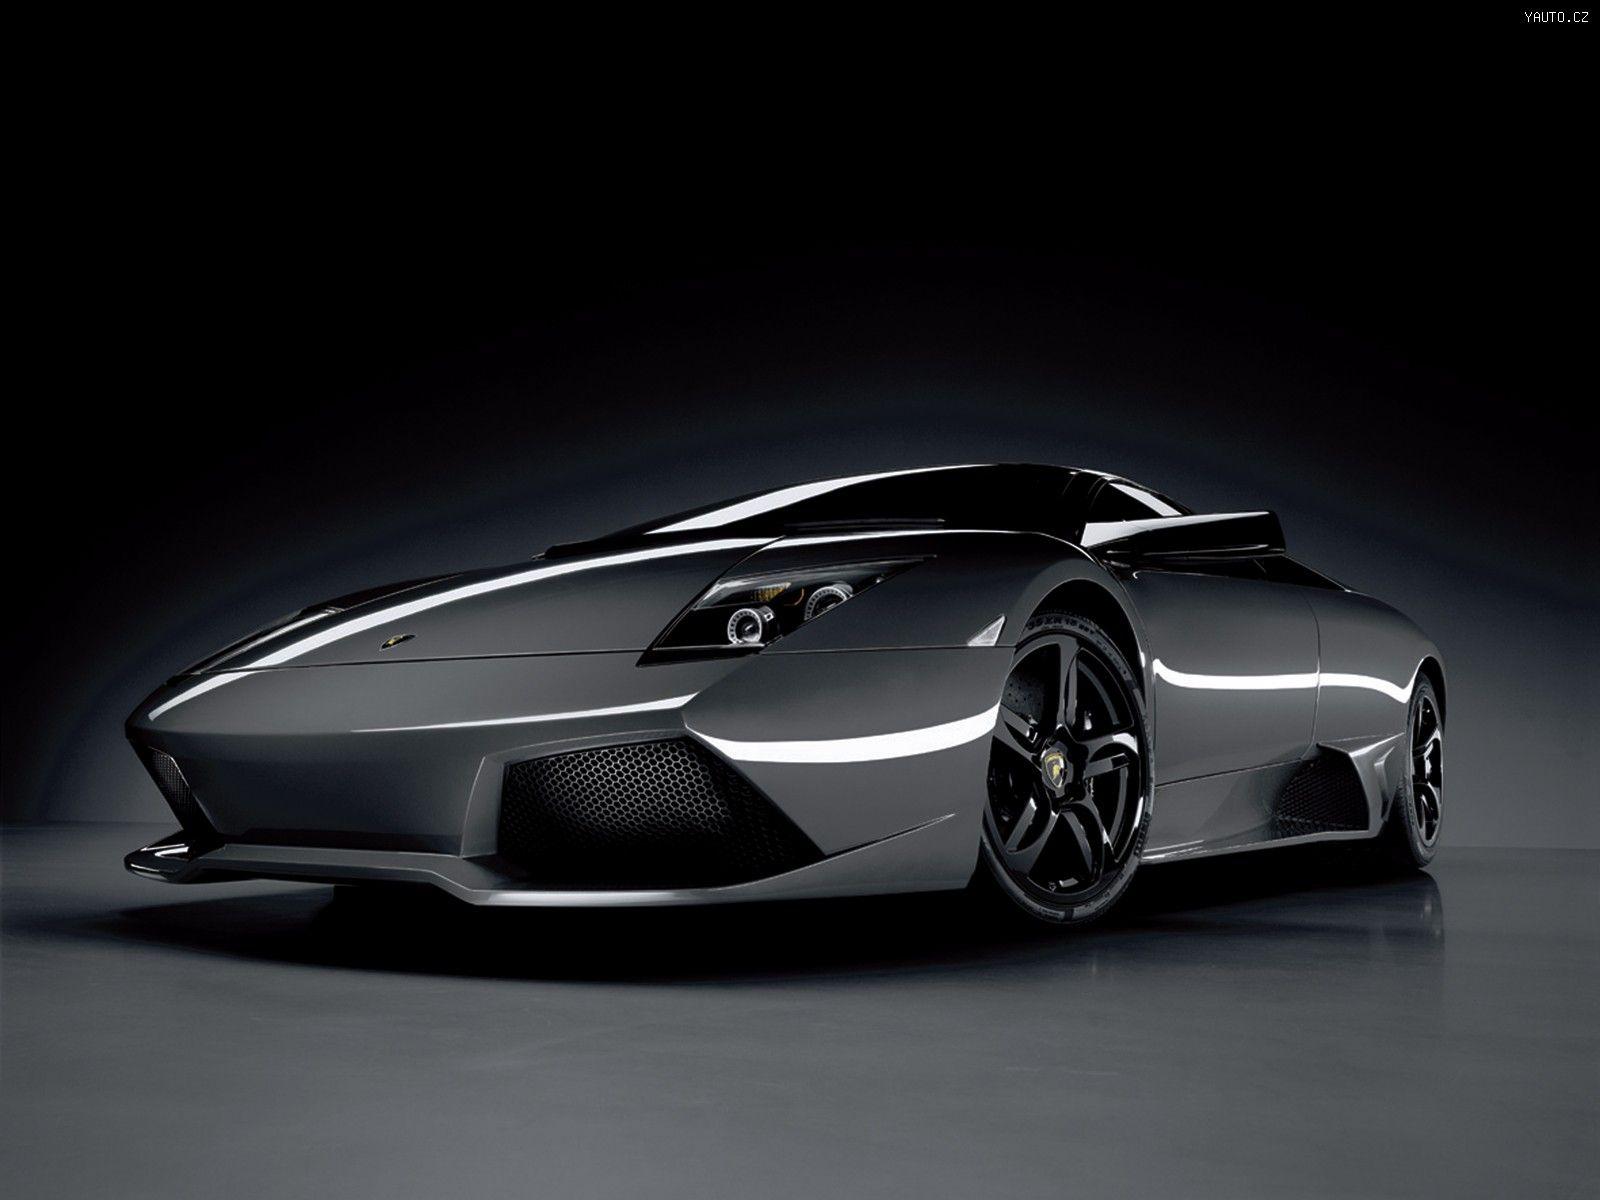 Lamborghini Murcielago Lp640 Auta Na Plochu Tapety Na Plochu Wallpapers